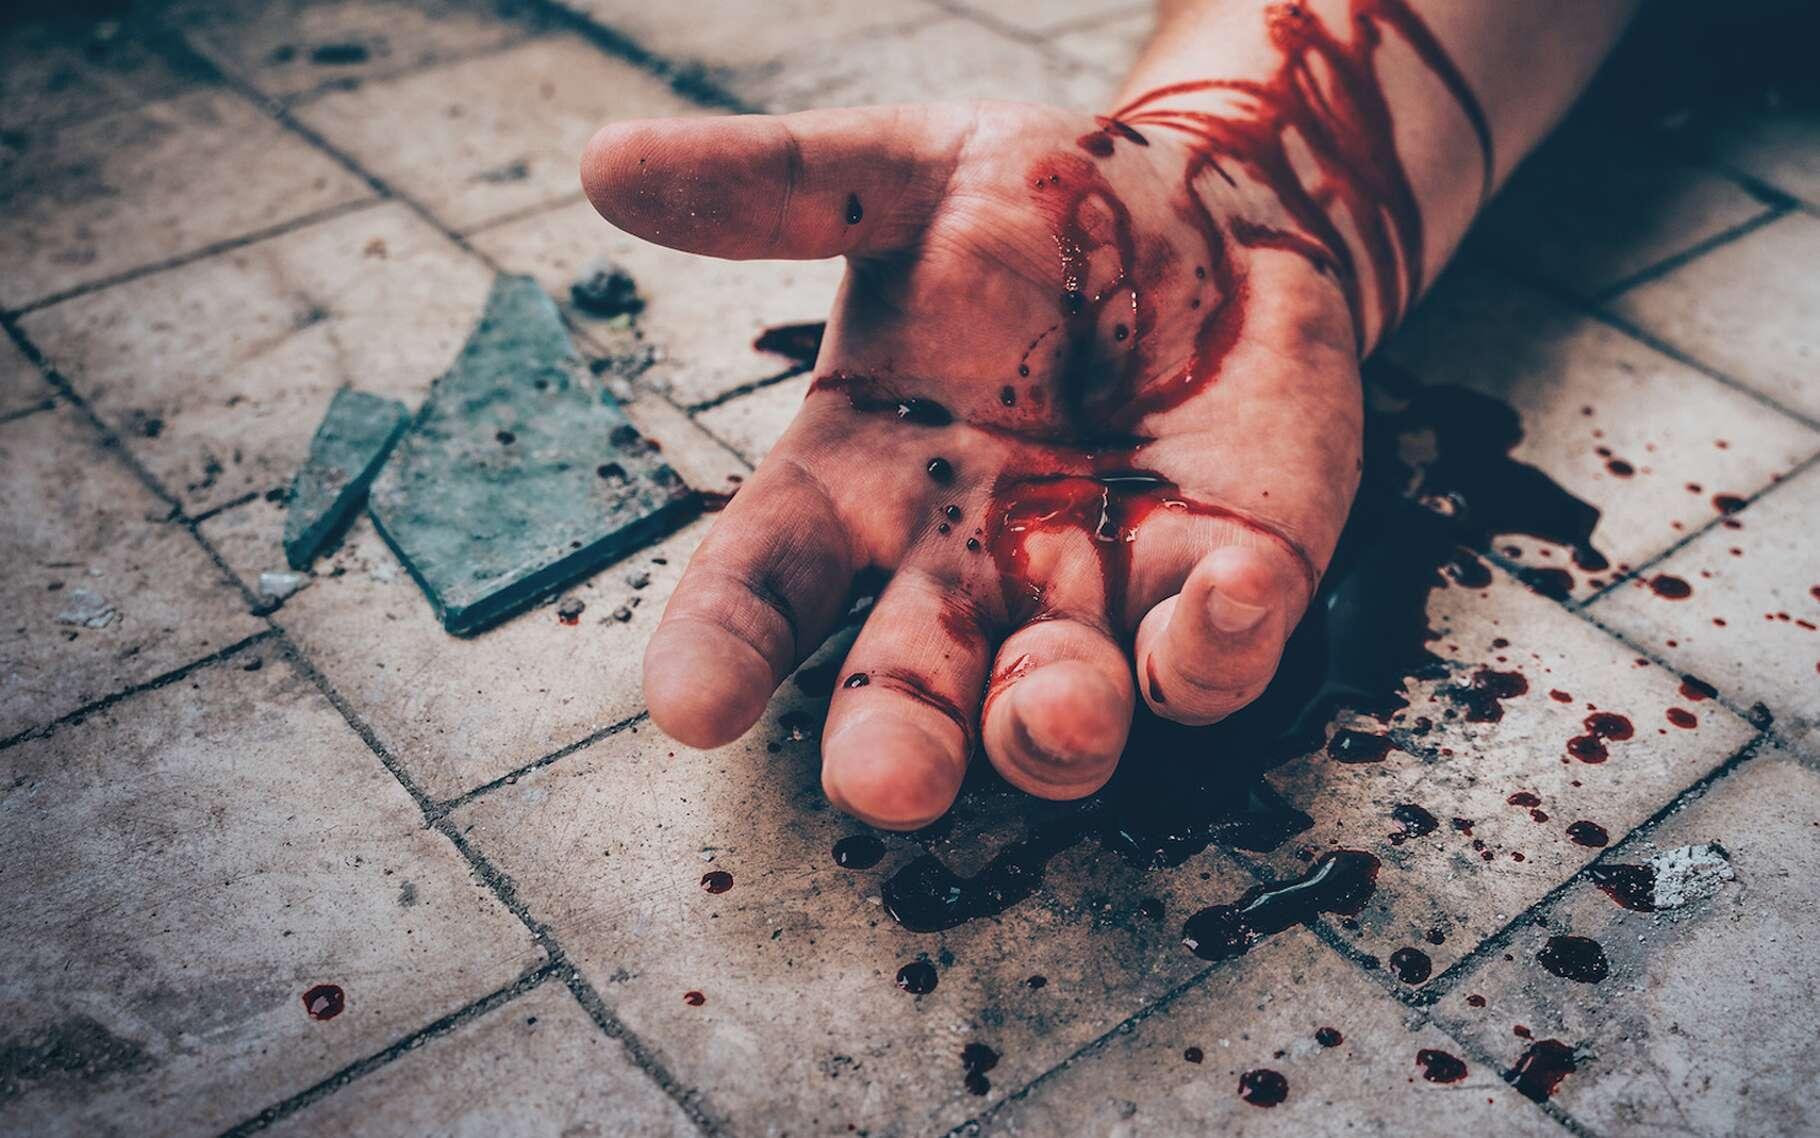 Les découvertes d'Alyson Wilson, experte en criminologie, sur le mouvement des cadavres pourraient remettre en question certaines analyses de scènes de crime. © DedMityay, Fotolia